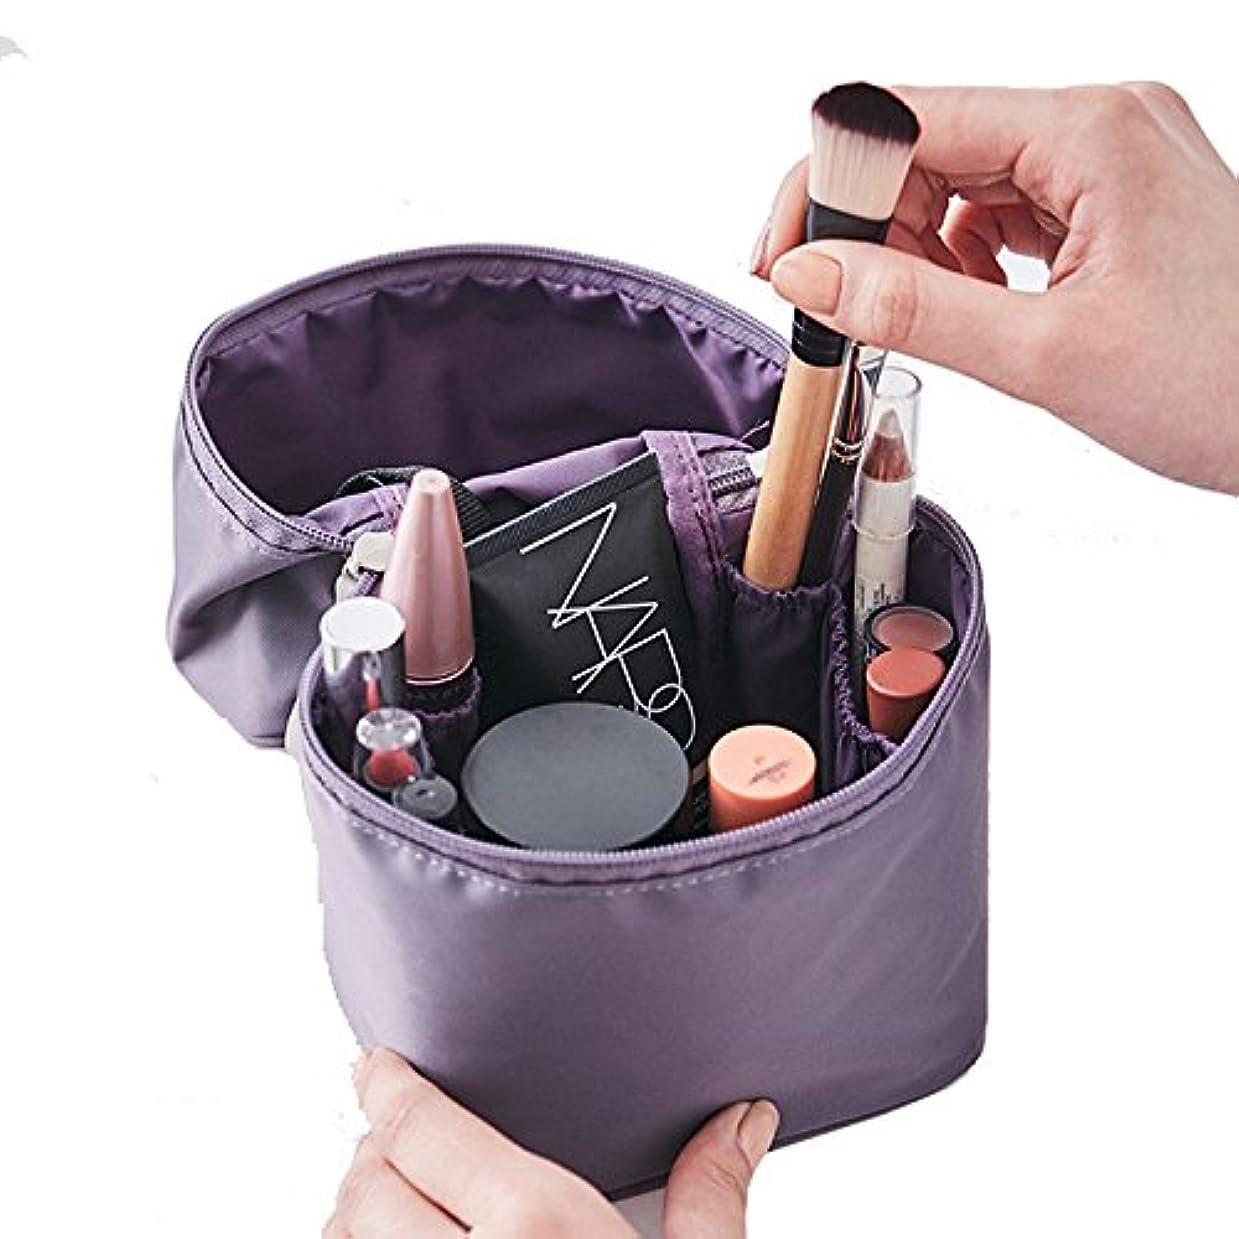 粗い非難消毒するithinkso VERTICAL MAKE-UP BOX 縦に収納できるボックスタイプ化粧ポーチ 化粧水 トラベル 旅行 (ラベンダー)